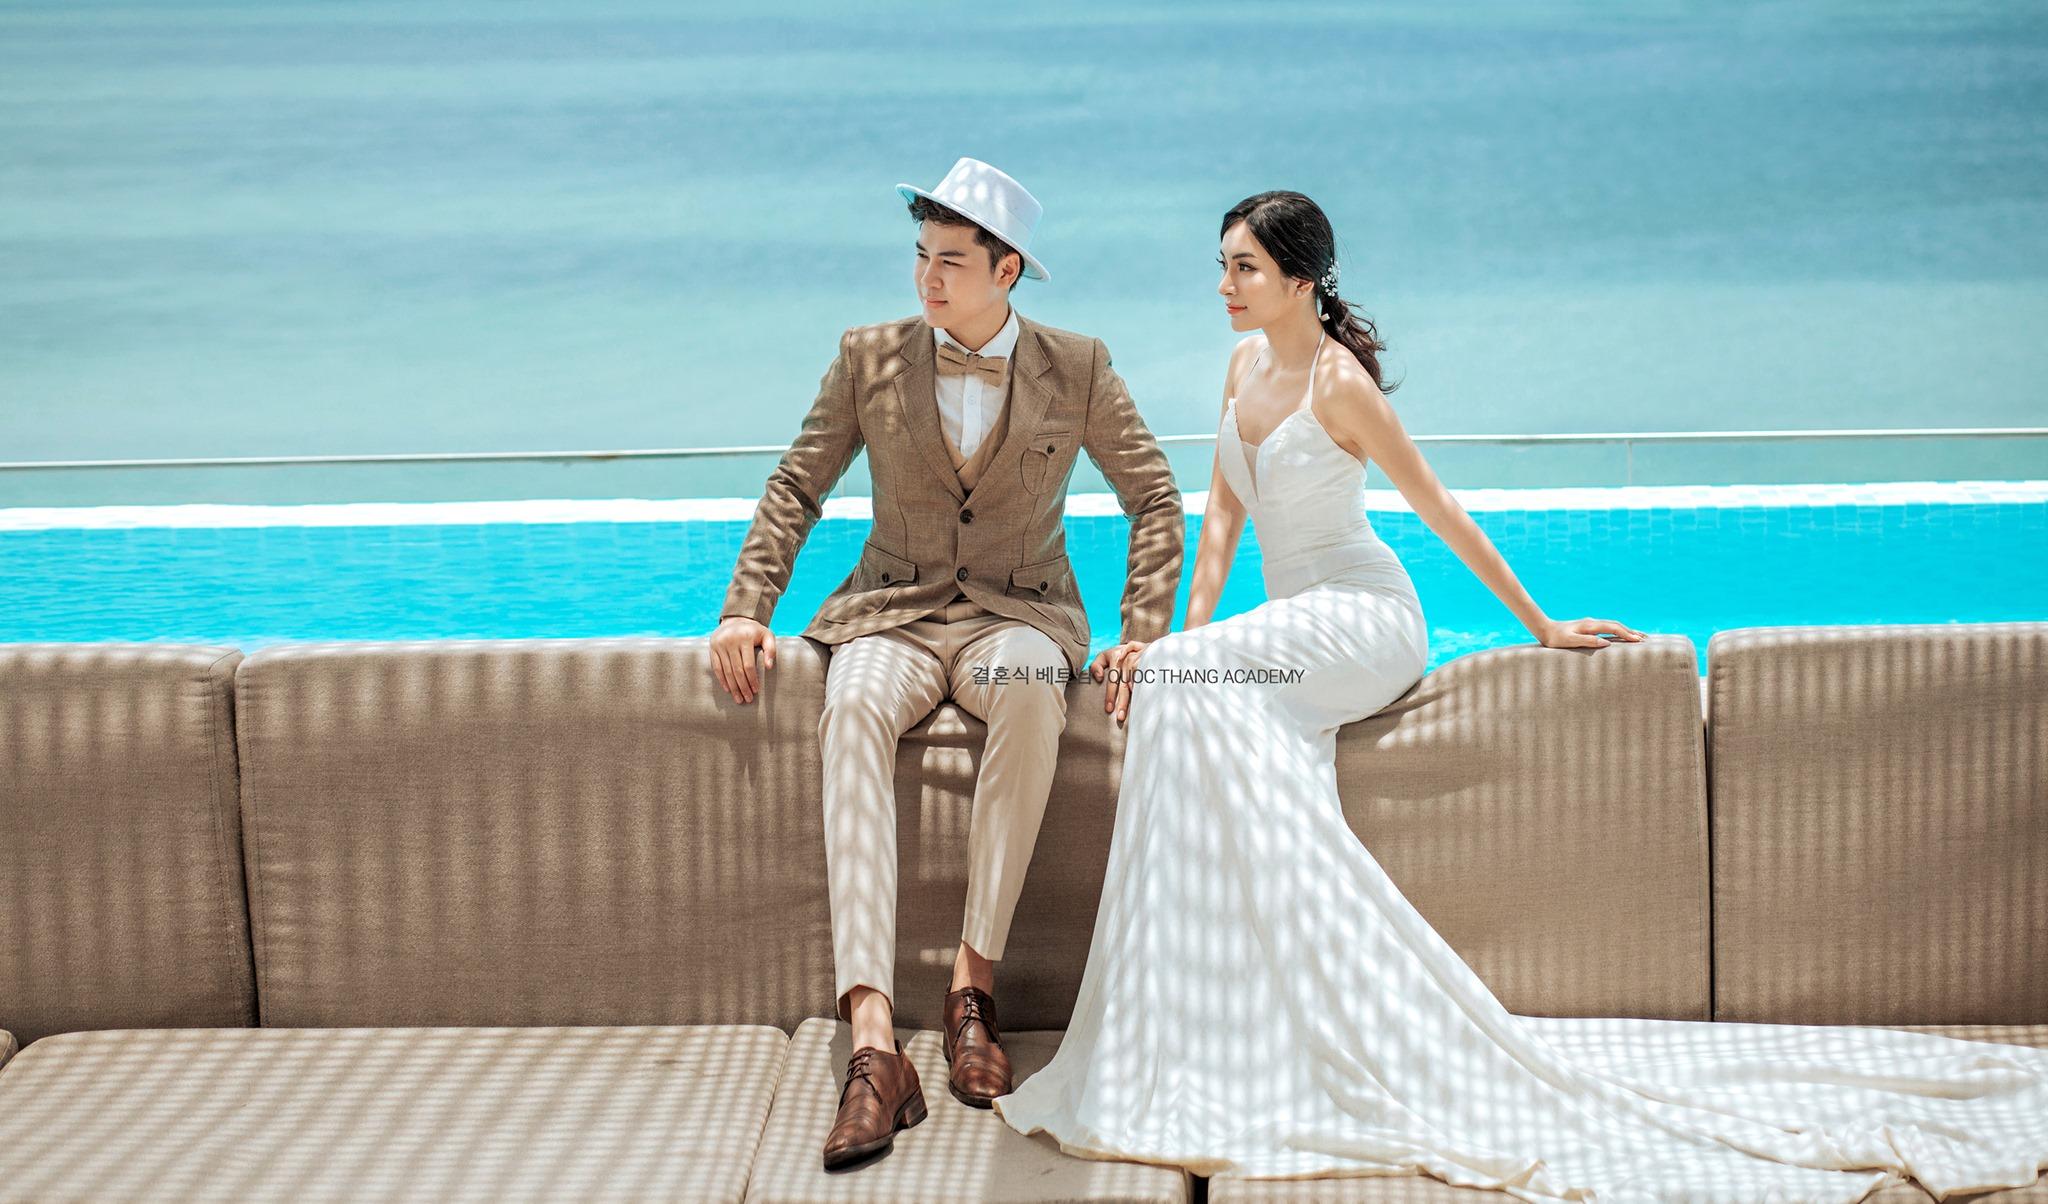 ảnh cưới đẹp Quốc Thắng studio Bình Phước